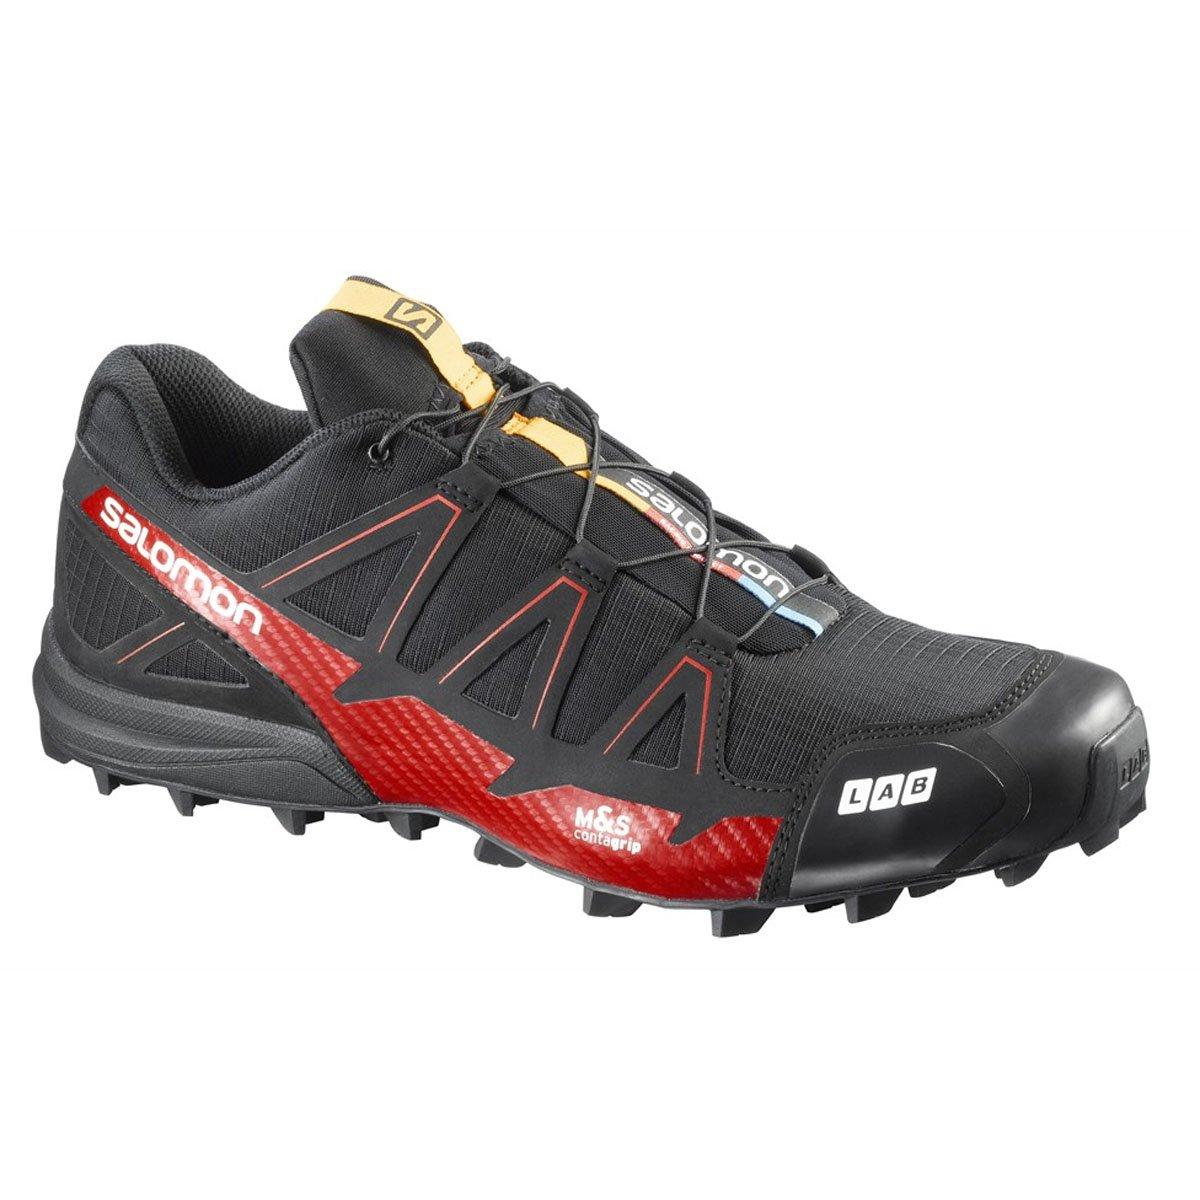 Salomon Unisex Erwachsene S/Lab Speed 2 Traillaufschuhe Schwarz 11 UK